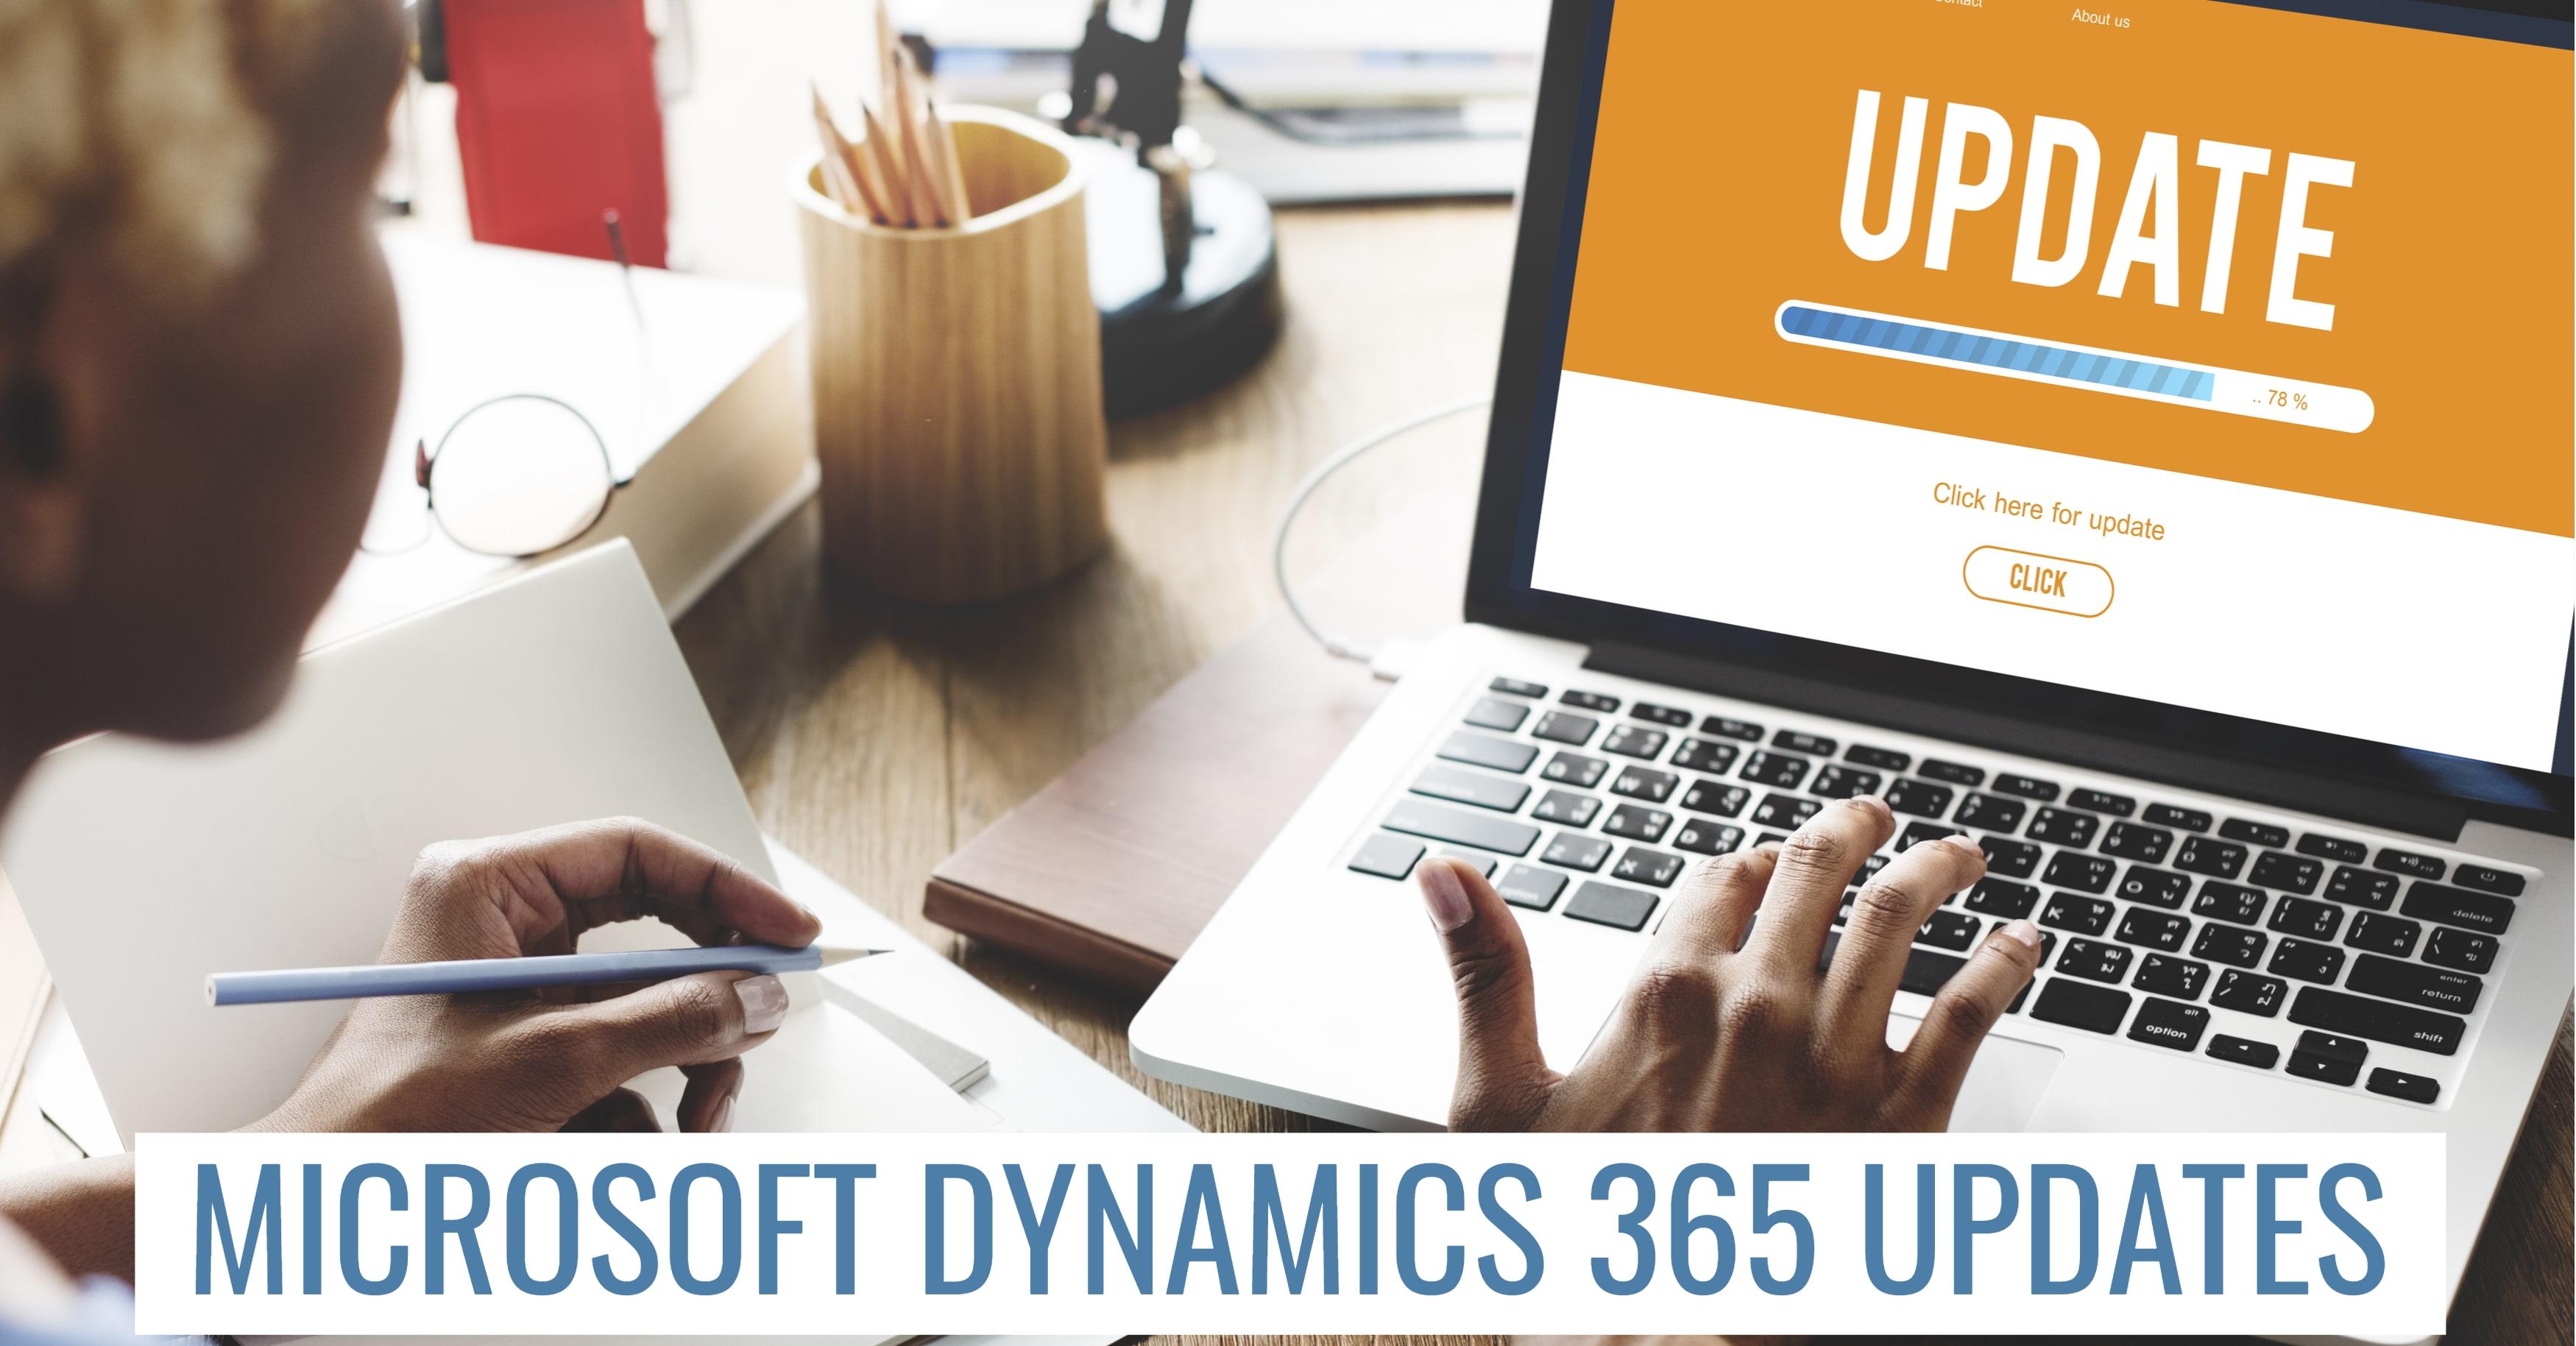 Microsoft Dynamics 365 Updates